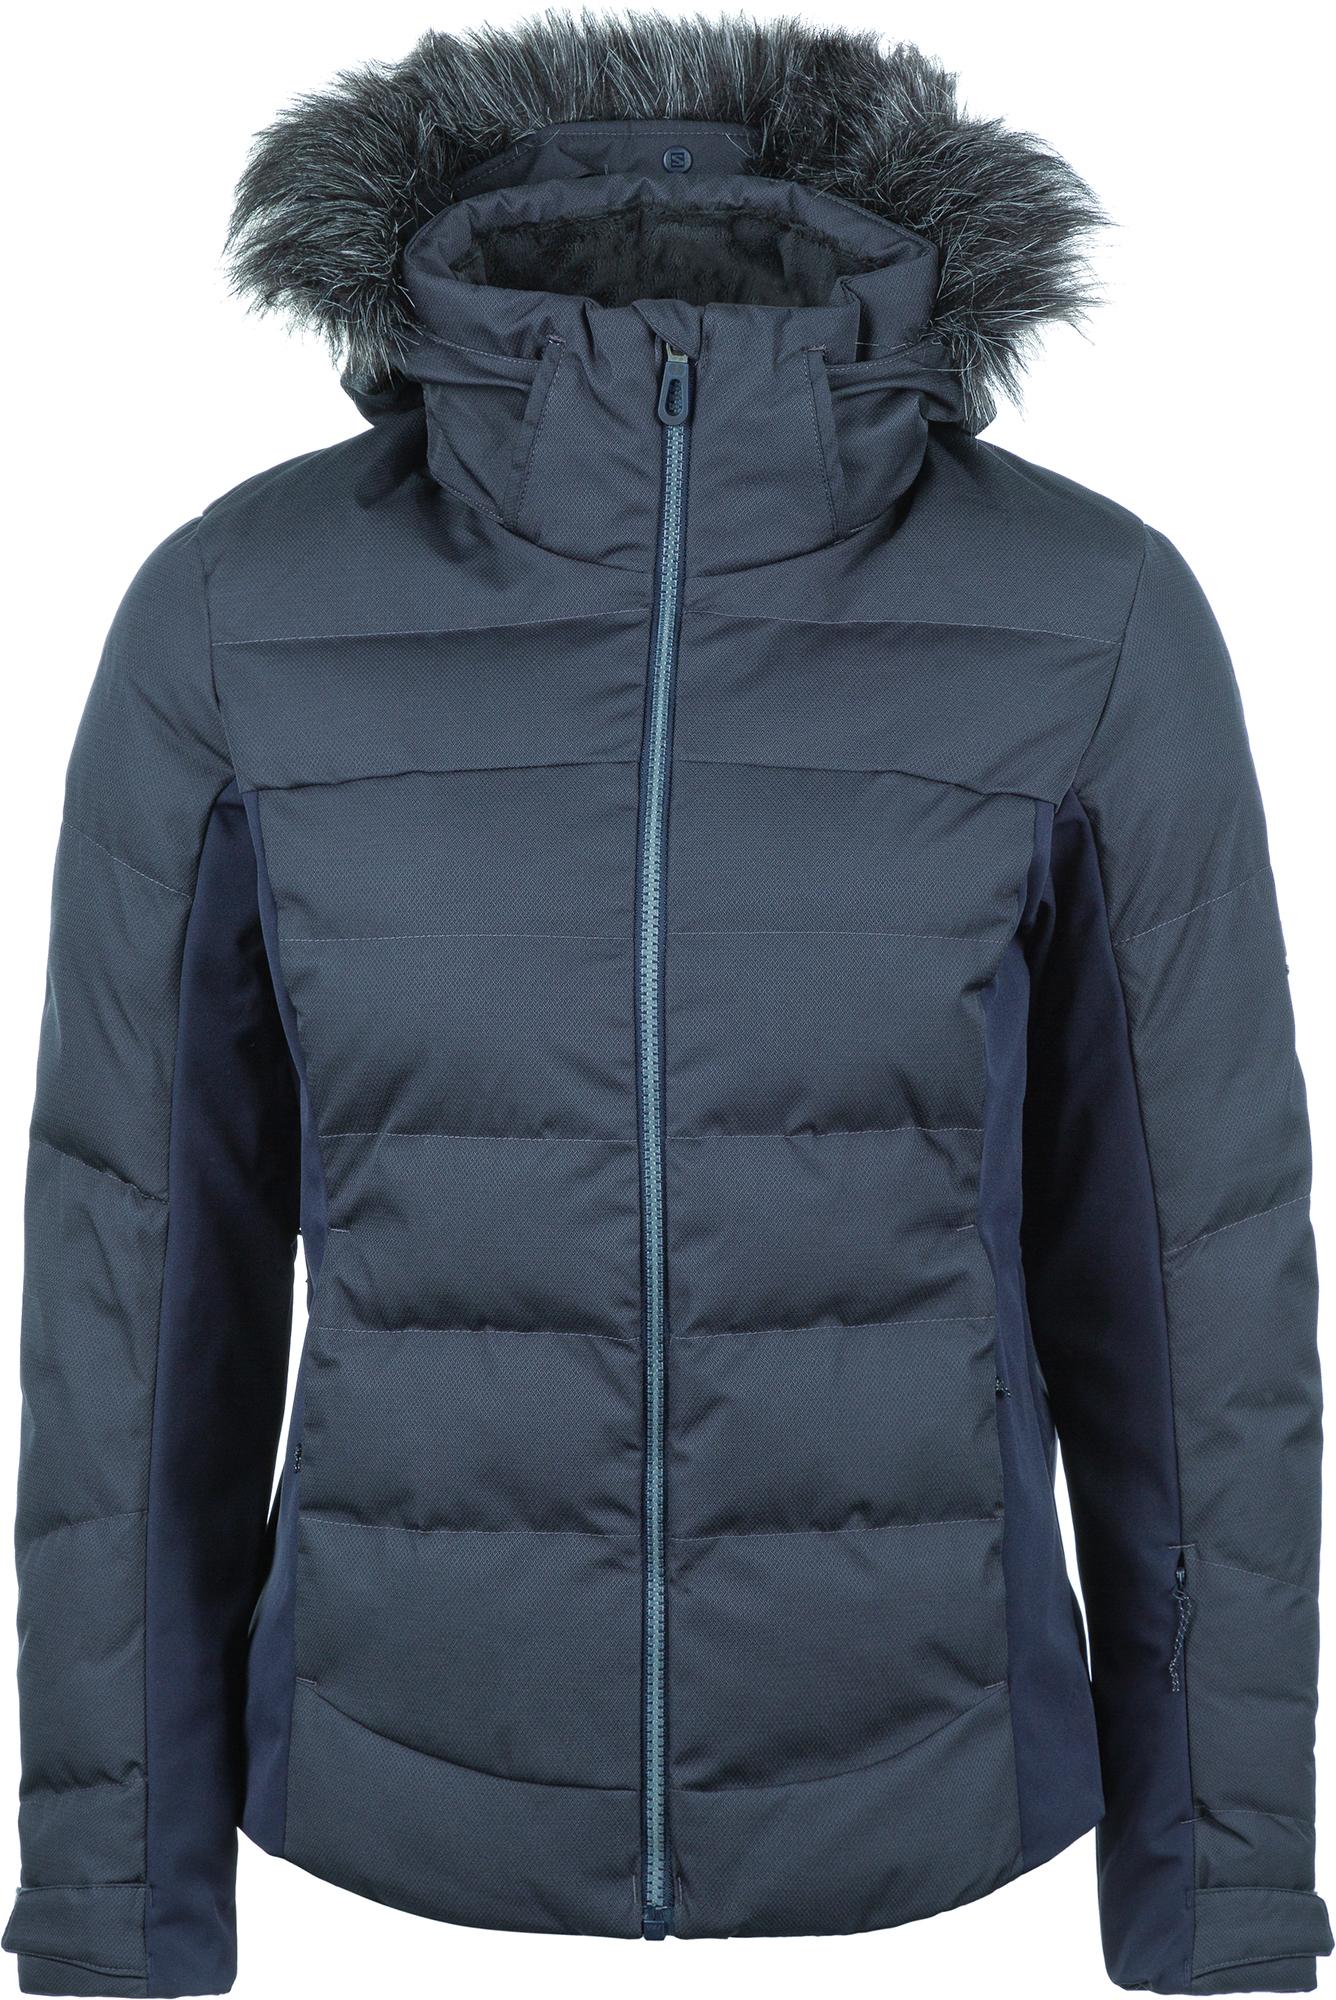 цена Salomon Куртка утепленная женская Salomon StormCozy, размер 46-48 онлайн в 2017 году